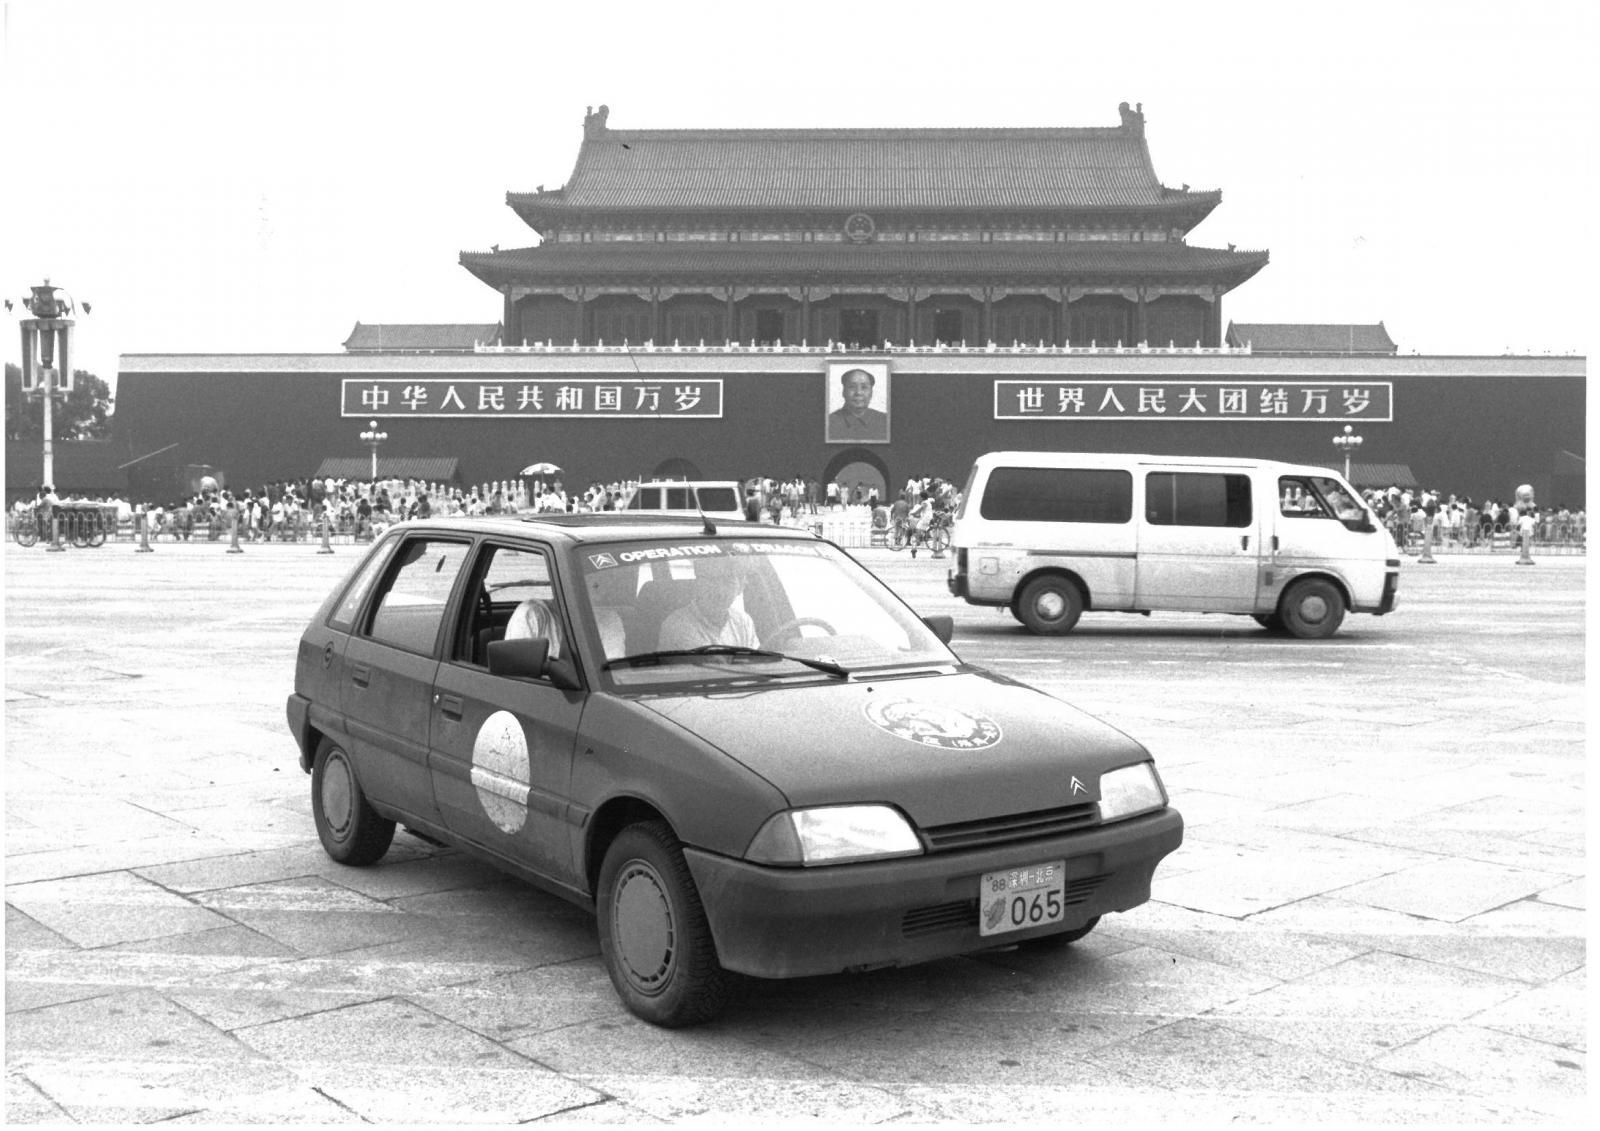 AX sur place Tien an Men en 1988